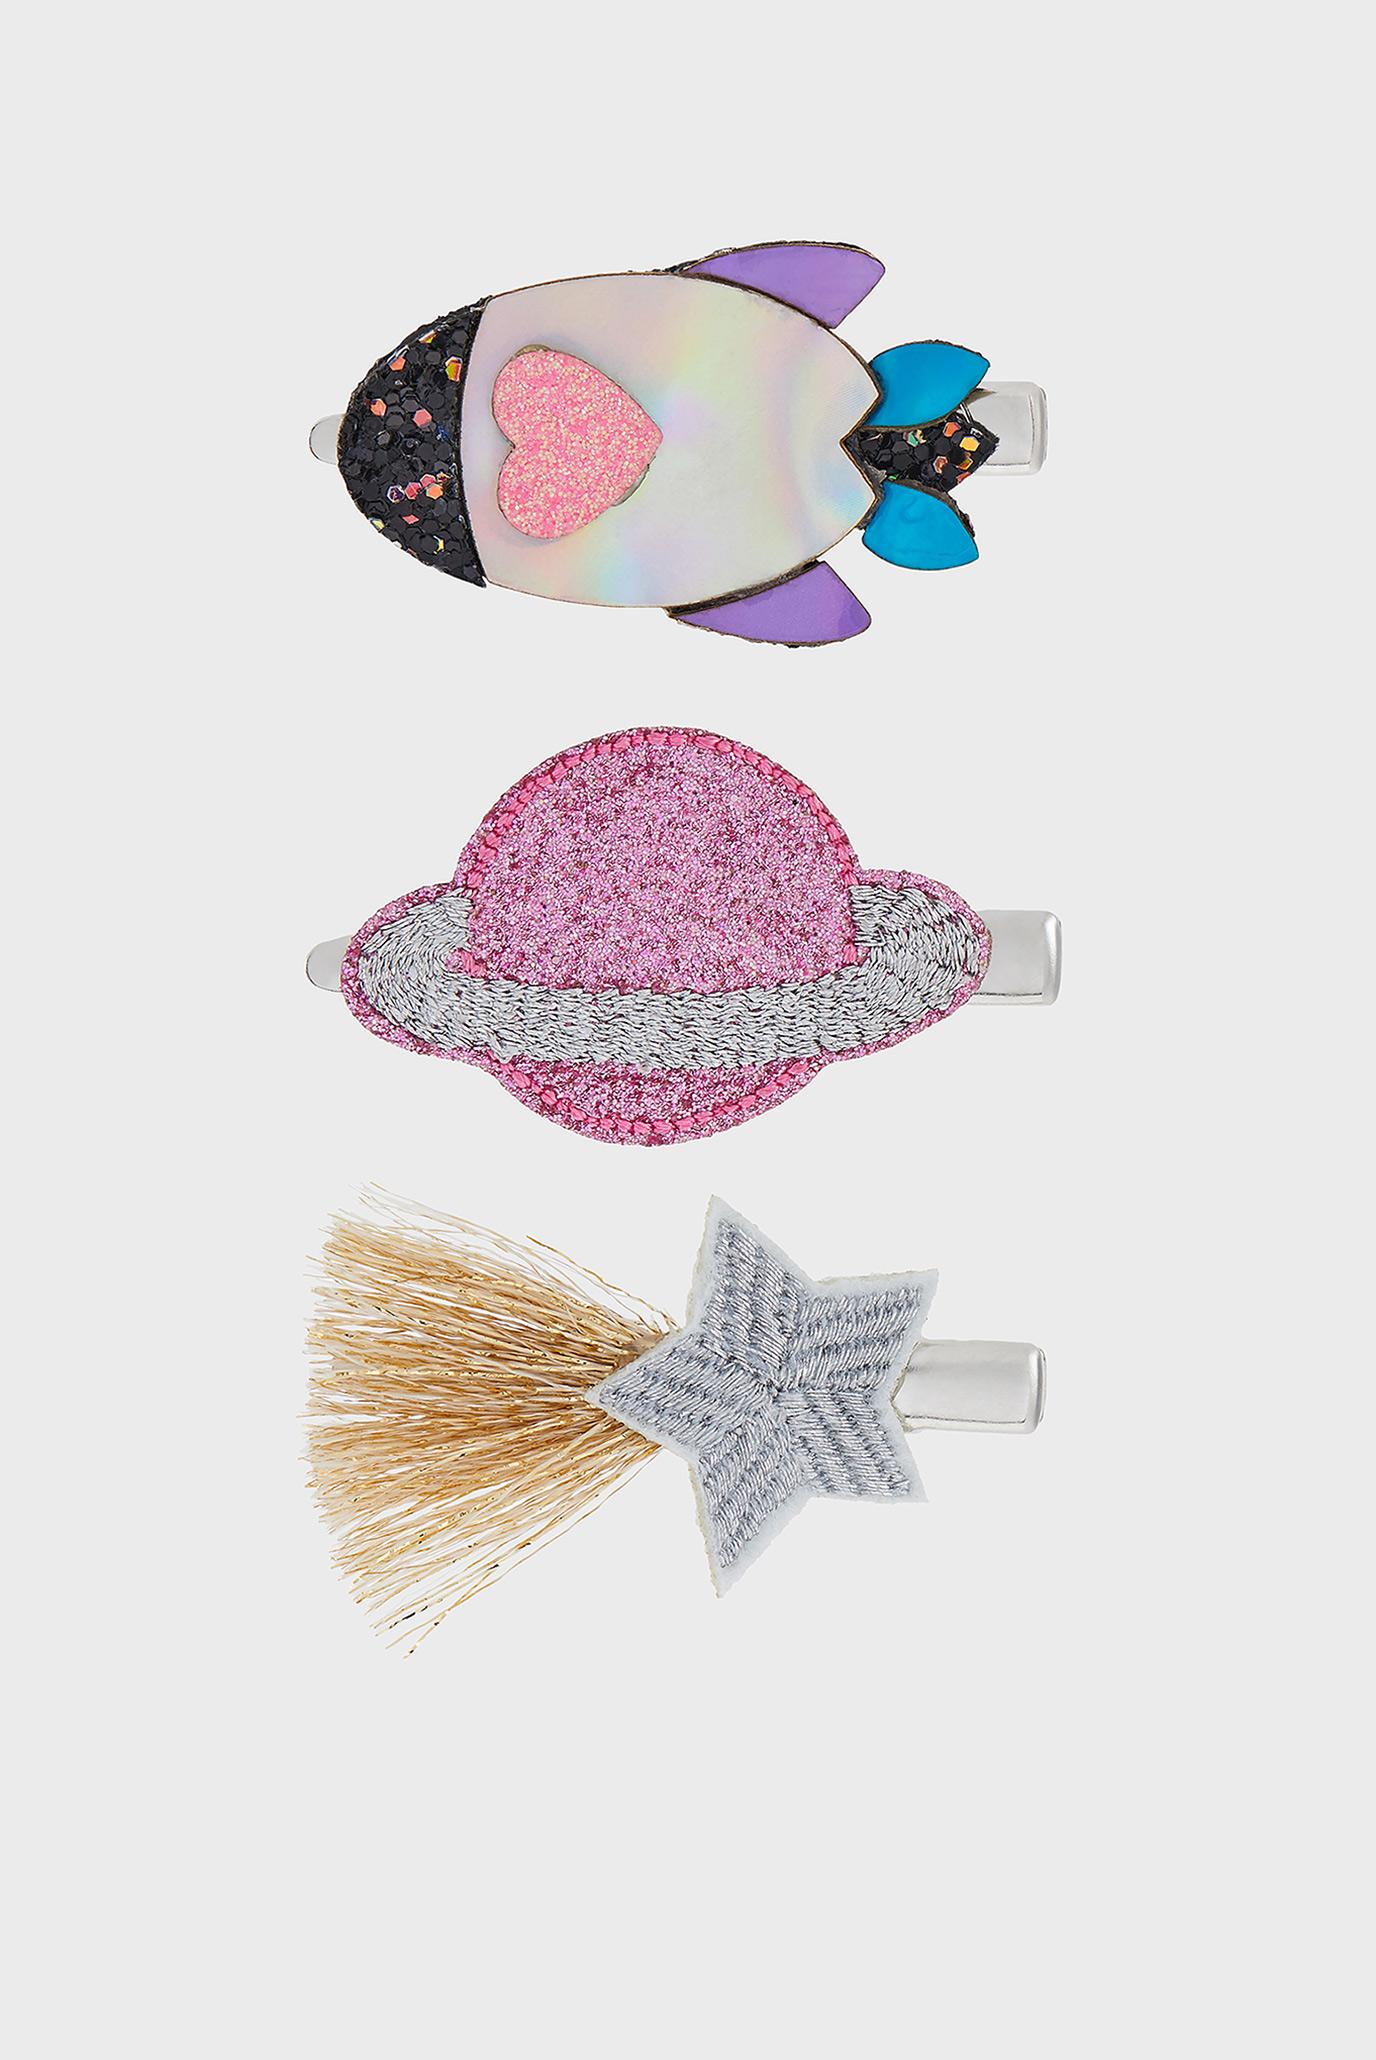 Купить Детская заколка (3 шт)  ROCKET SALON Accessorize Accessorize 783048 – Киев, Украина. Цены в интернет магазине MD Fashion